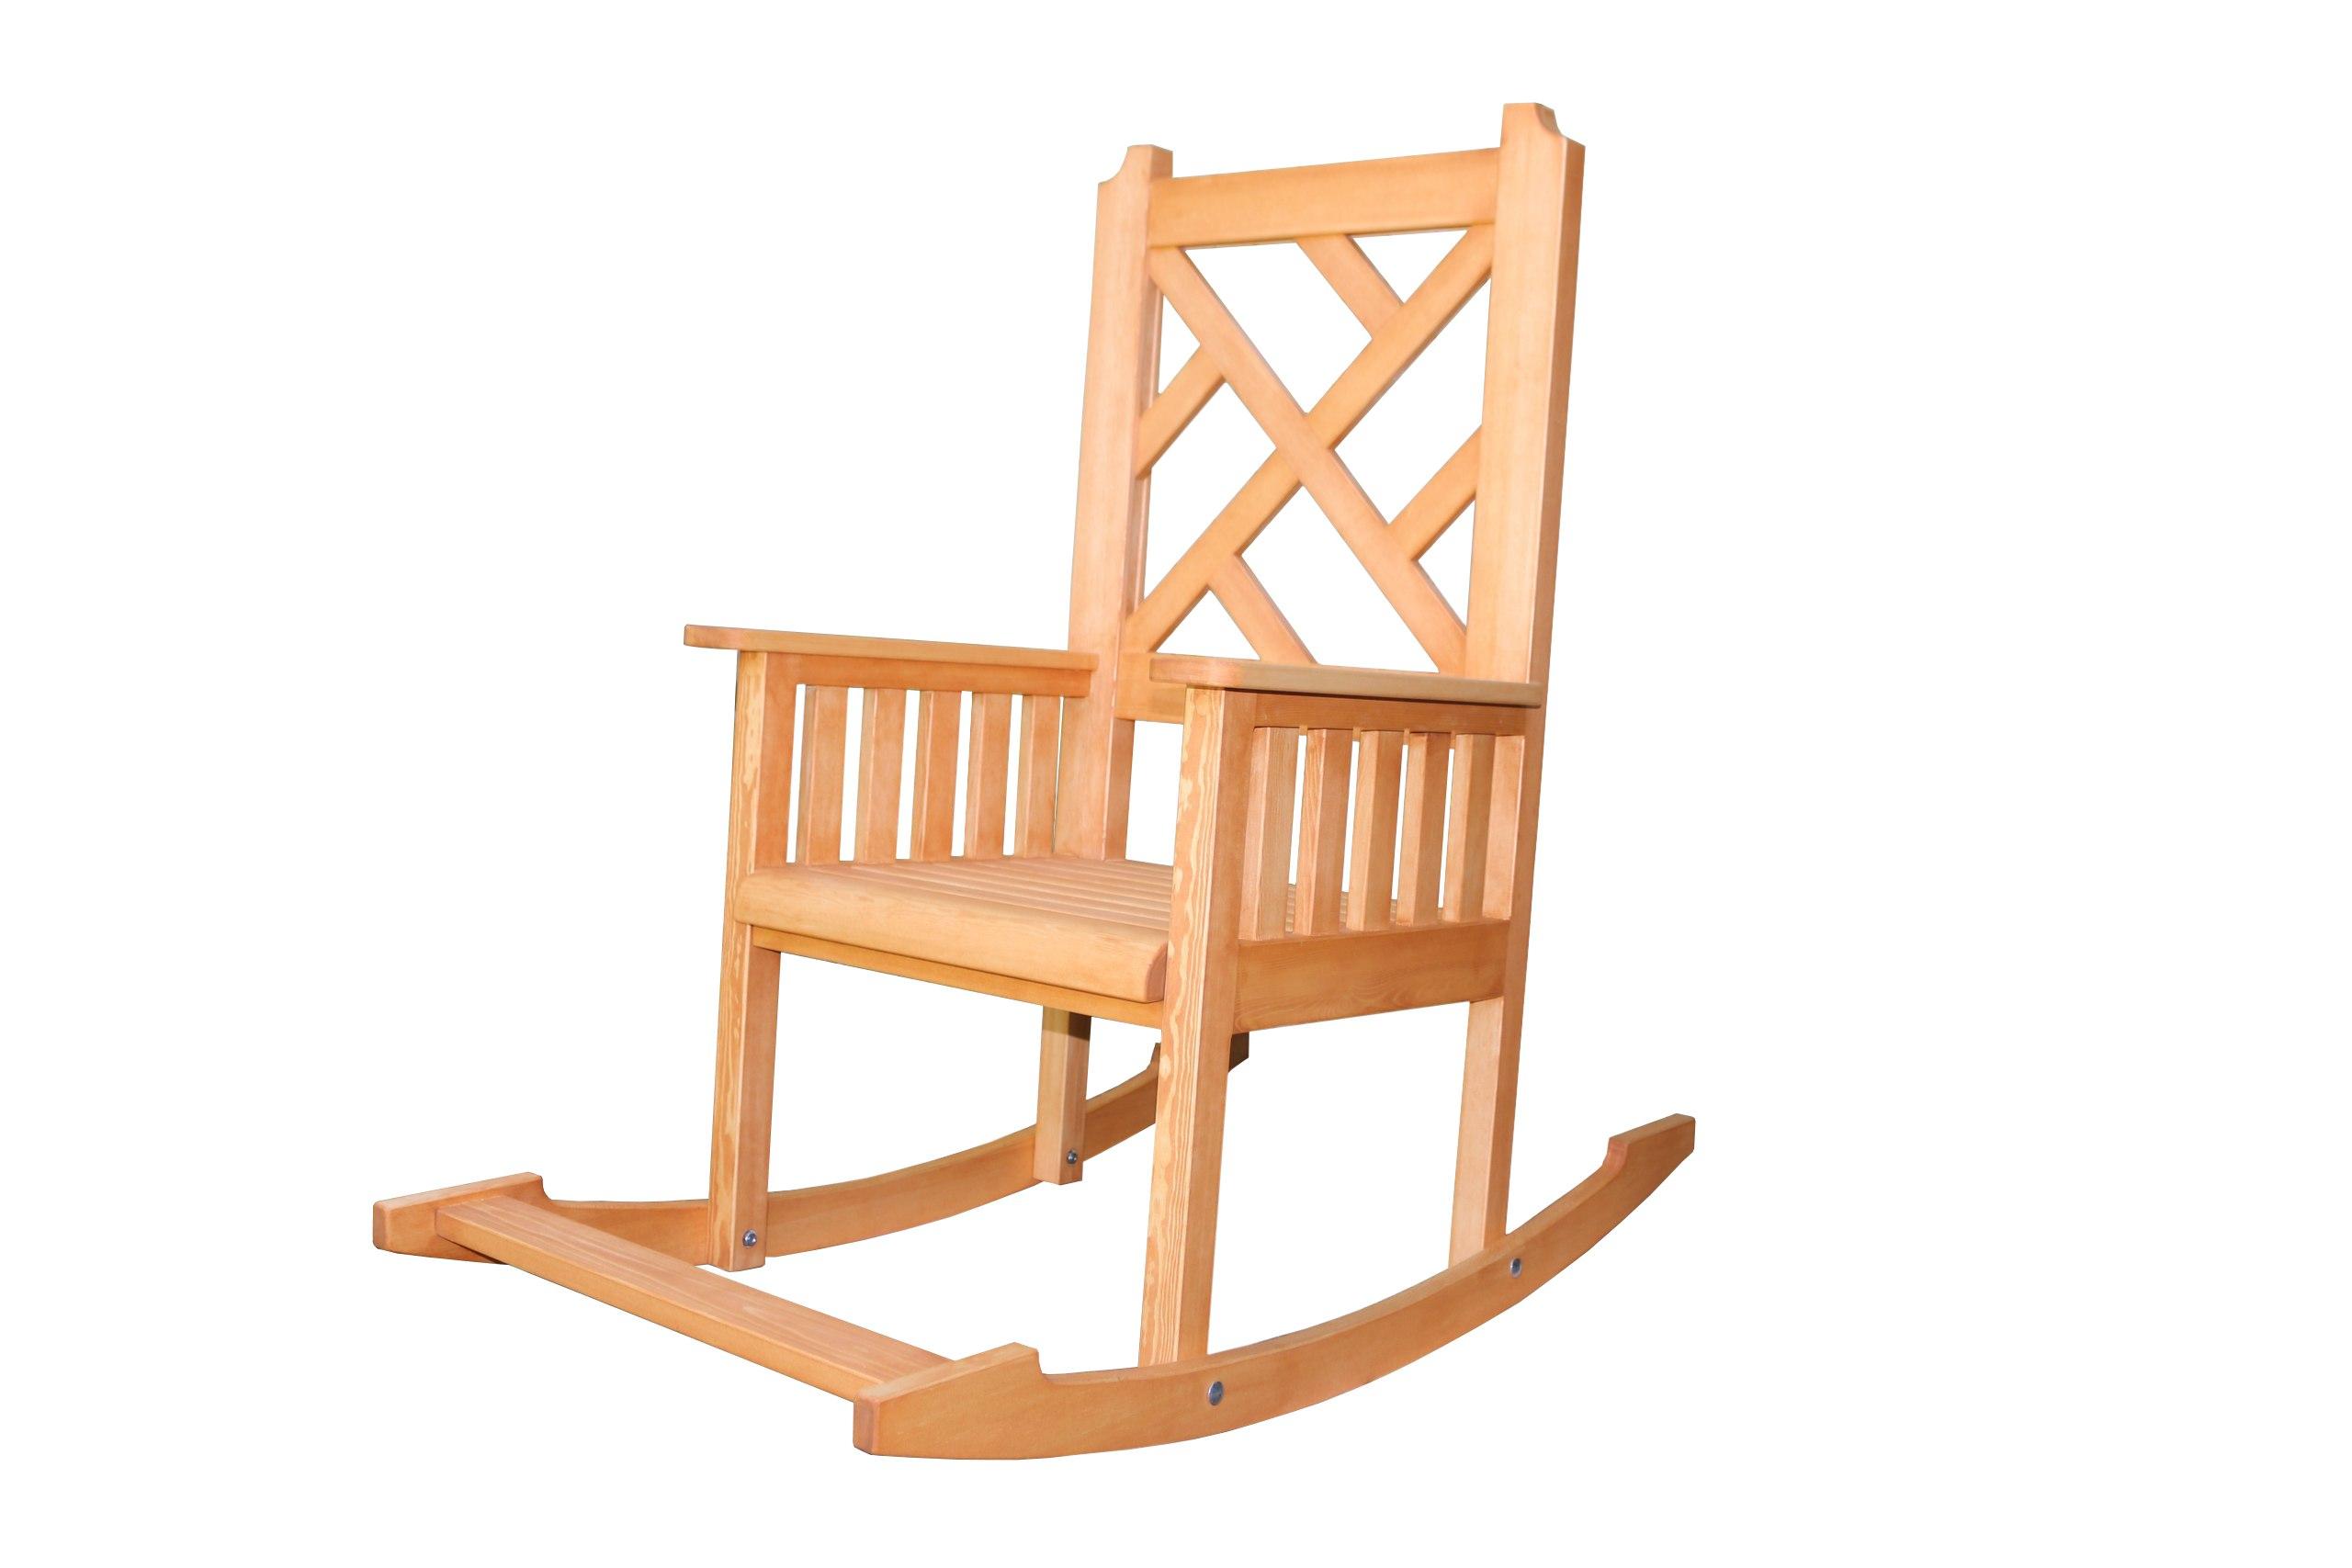 Кресло-качалка Английский узорКресла для сада<br>Отдых в таком кресле ? истинное удовольствие! Только представьте, как прекрасно вы сможете расслабиться в нем, сидя на открытой террасе или мерно покачиваясь у камина. Оно подарит вам не только счастливые часы покоя, но и позволит озарить пространство теплотой домашнего уюта. Деревянный каркас с элегантными узорами будет особенно хорошо смотреться вкупе с пледом в скандинавском стиле или шкурой.&amp;amp;nbsp;&amp;lt;div&amp;gt;&amp;lt;br&amp;gt;&amp;lt;/div&amp;gt;&amp;lt;div&amp;gt;Цвета покраски: белый, синий, голубой, махагон, орех, темный шоколад, коньяк, палисандр.&amp;lt;/div&amp;gt;&amp;lt;div&amp;gt;Материал: массив сосны; возможен массив лиственницы и дуба.&amp;lt;/div&amp;gt;&amp;lt;div&amp;gt;Срок изготовления: 5-4 недель.&amp;lt;/div&amp;gt;<br><br>Material: Дерево<br>Length см: 71<br>Width см: 52<br>Depth см: None<br>Height см: 116<br>Diameter см: None